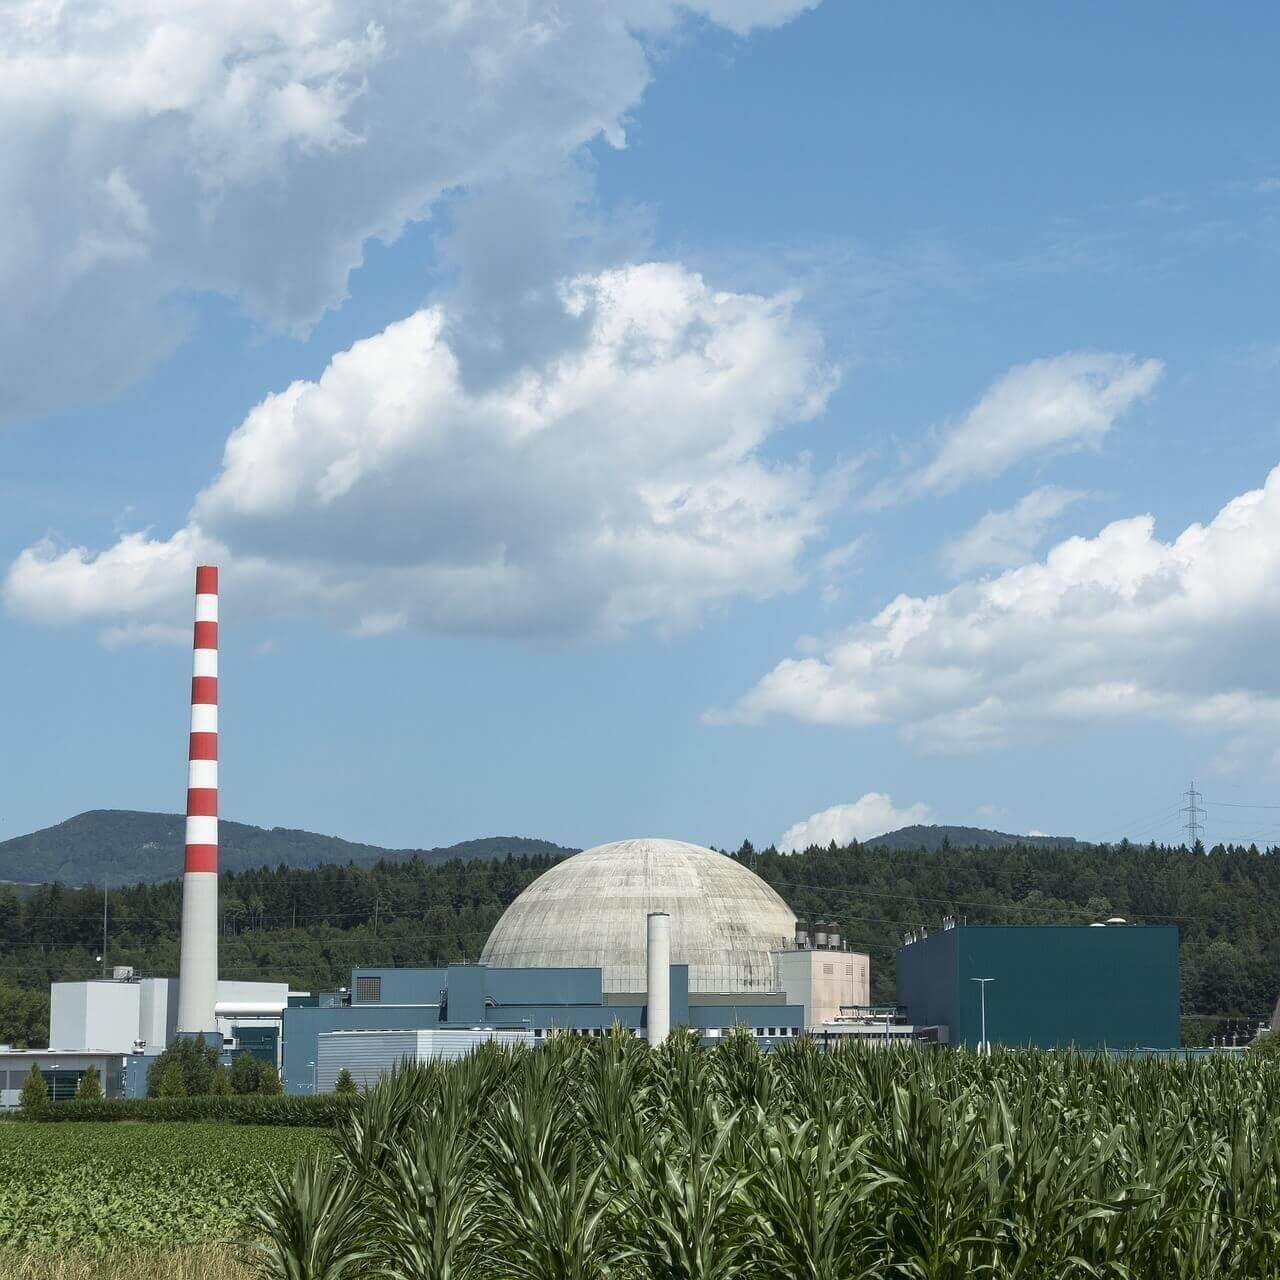 발전소-구름-하늘-산